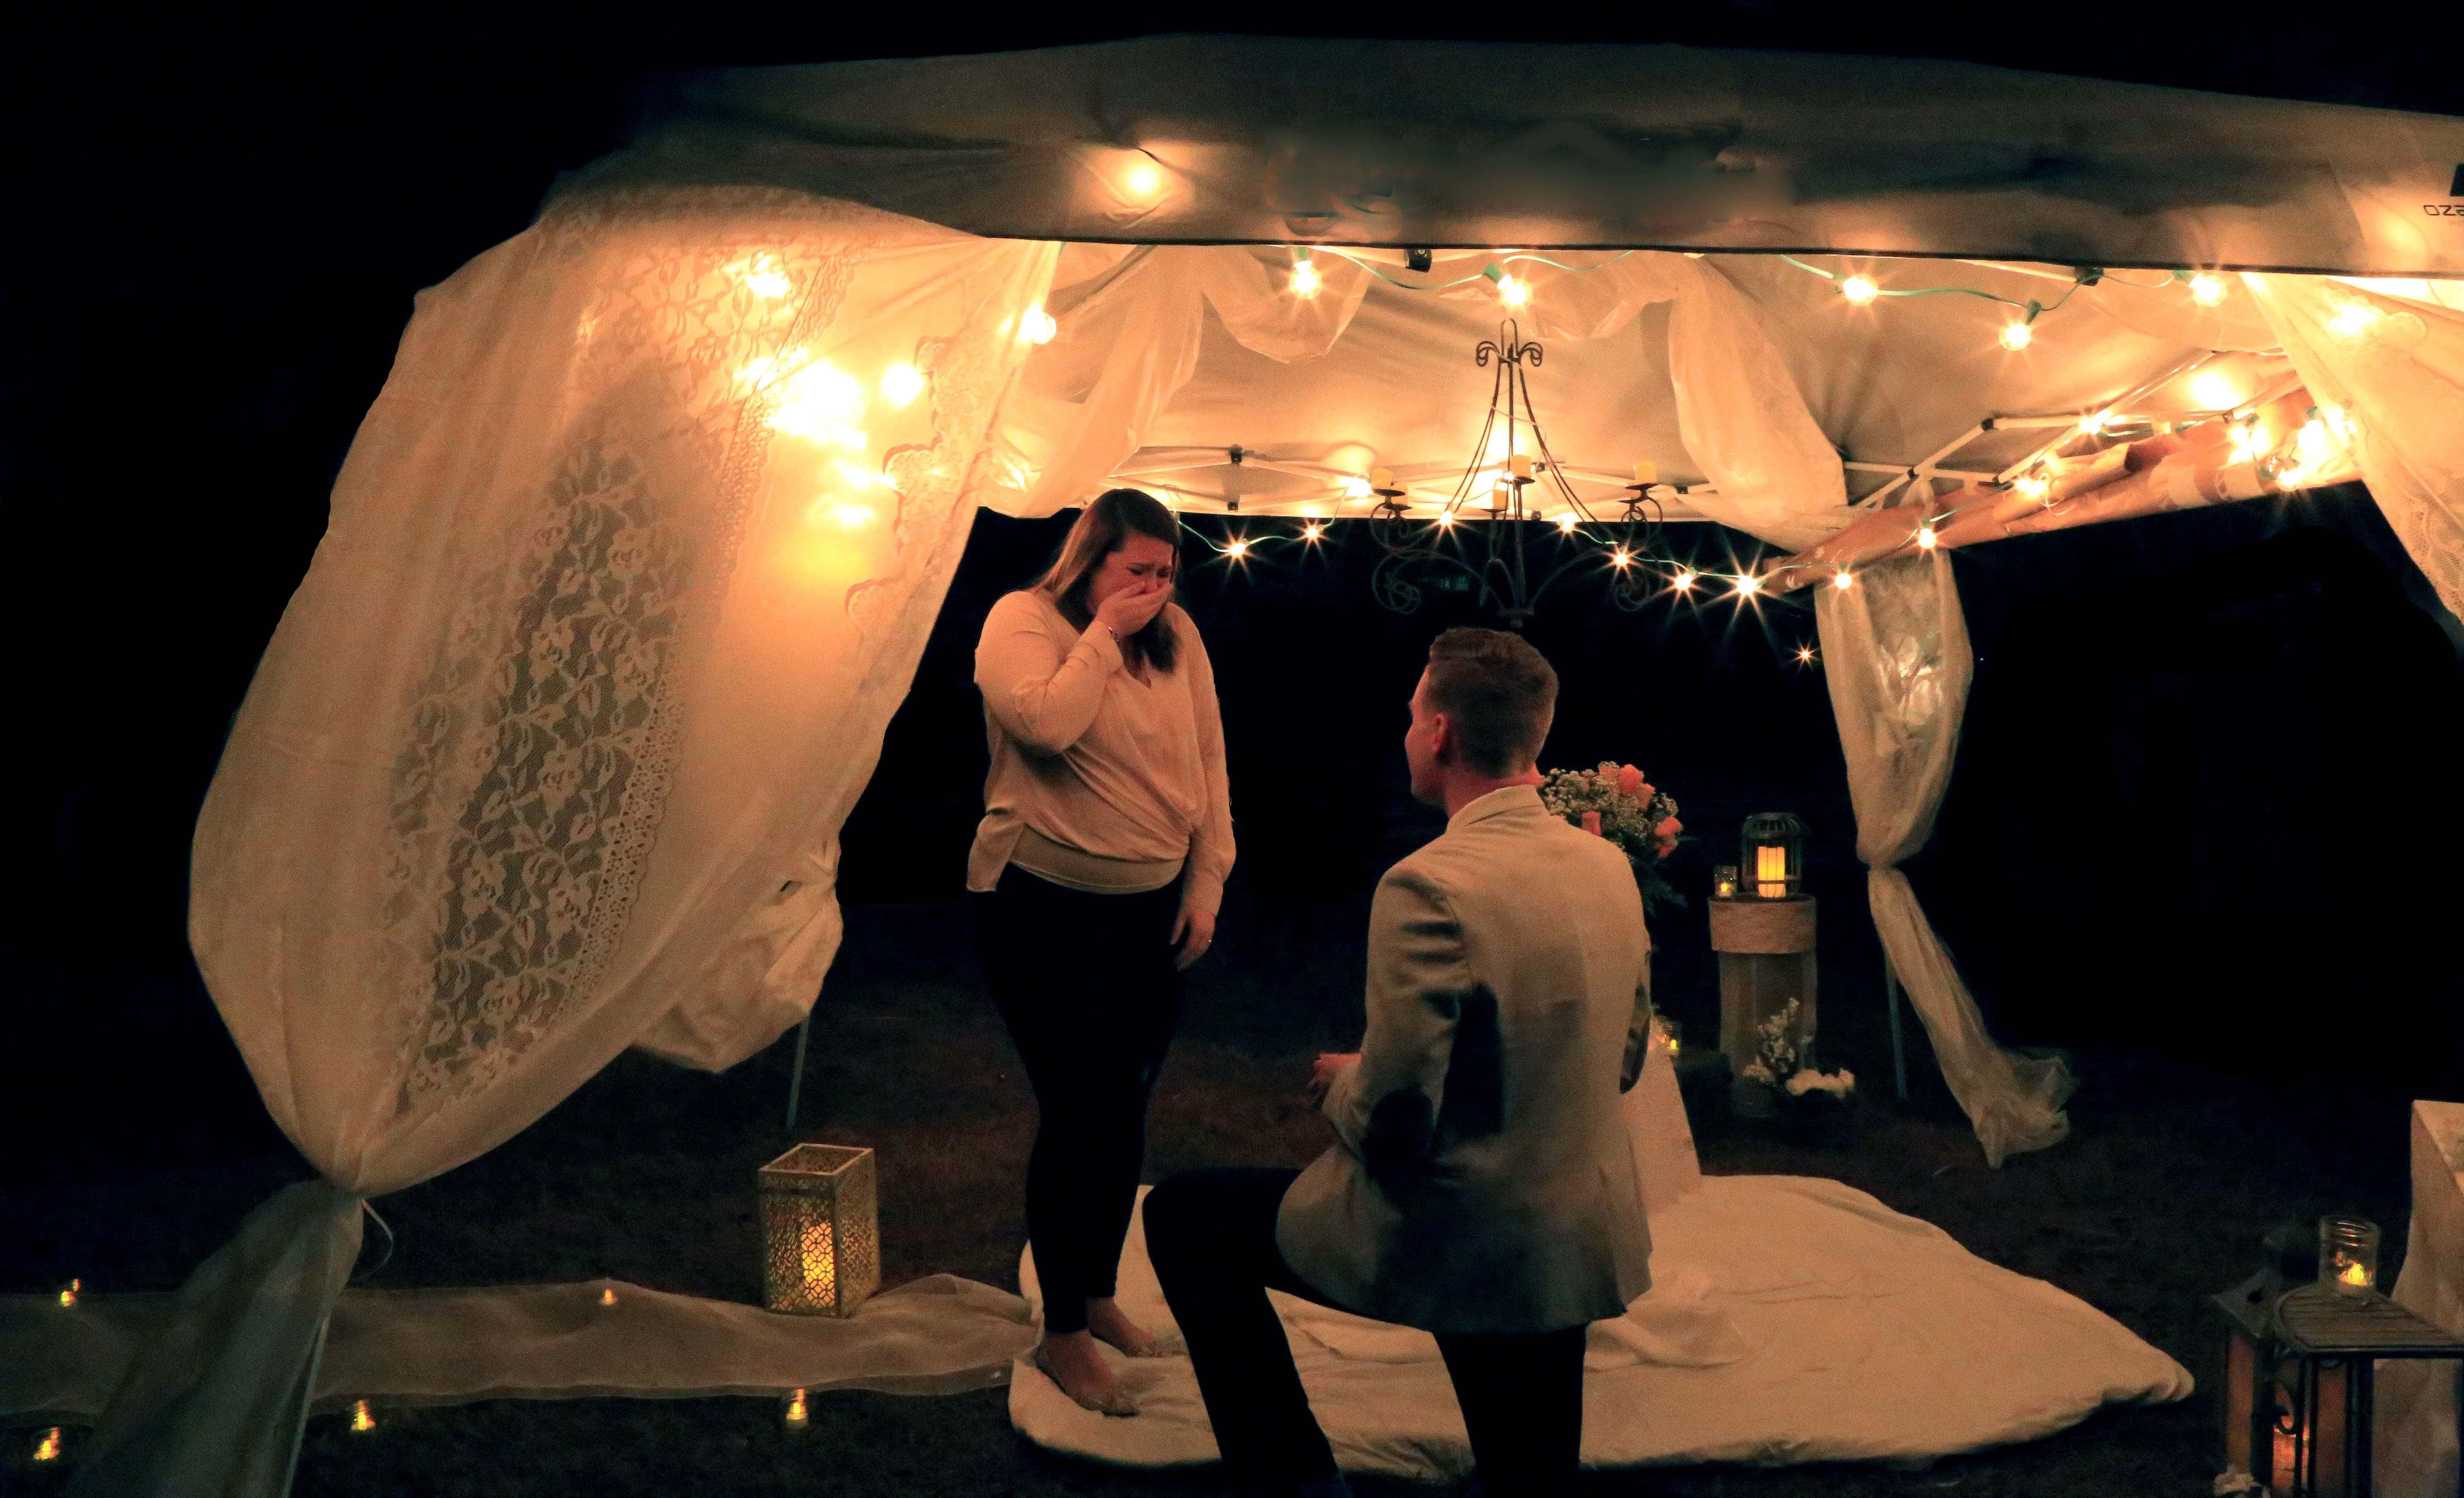 Tate's proposal to Mallory.